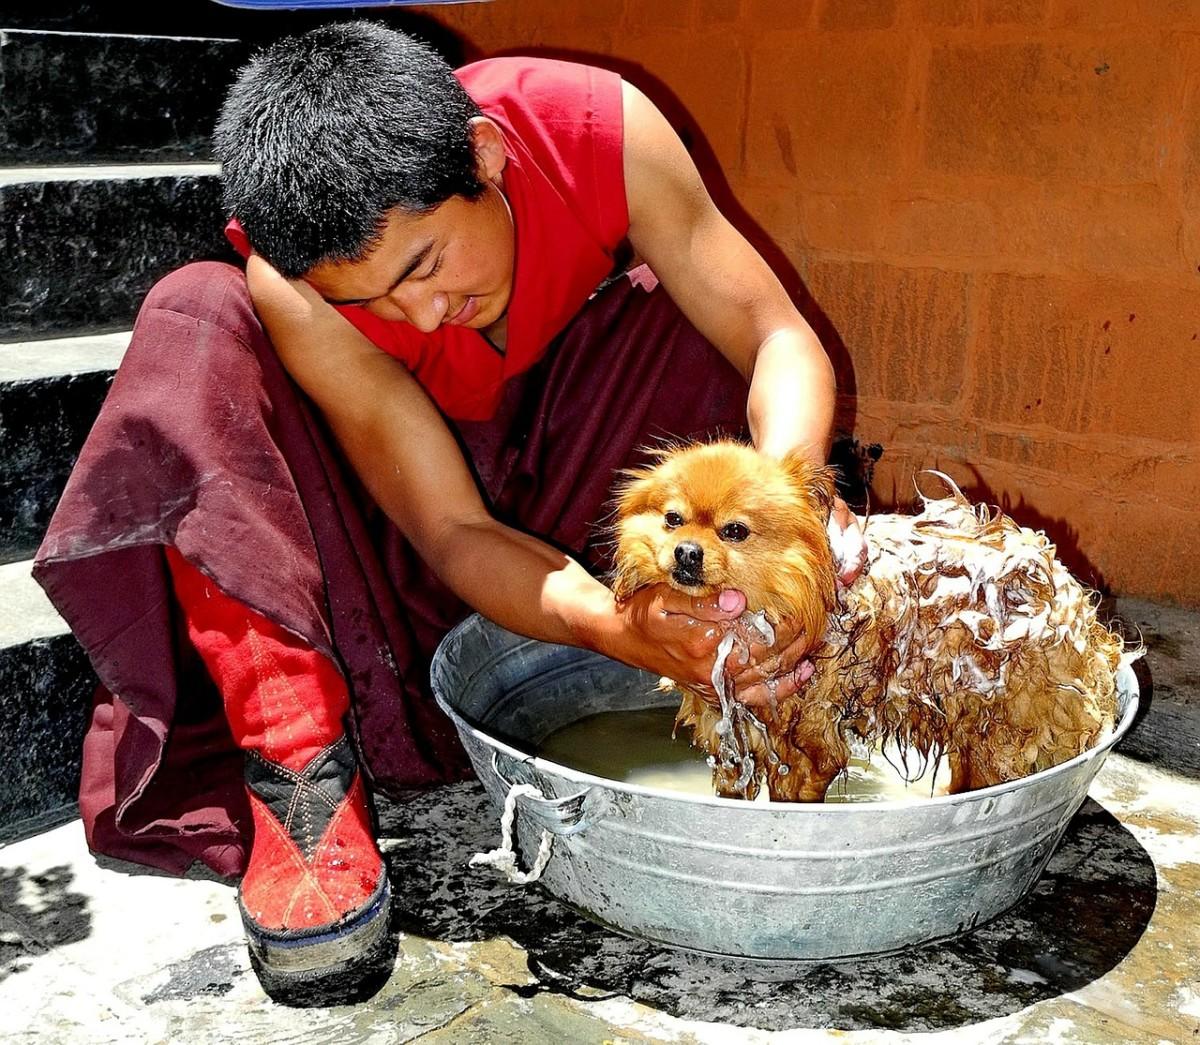 Washing a dog